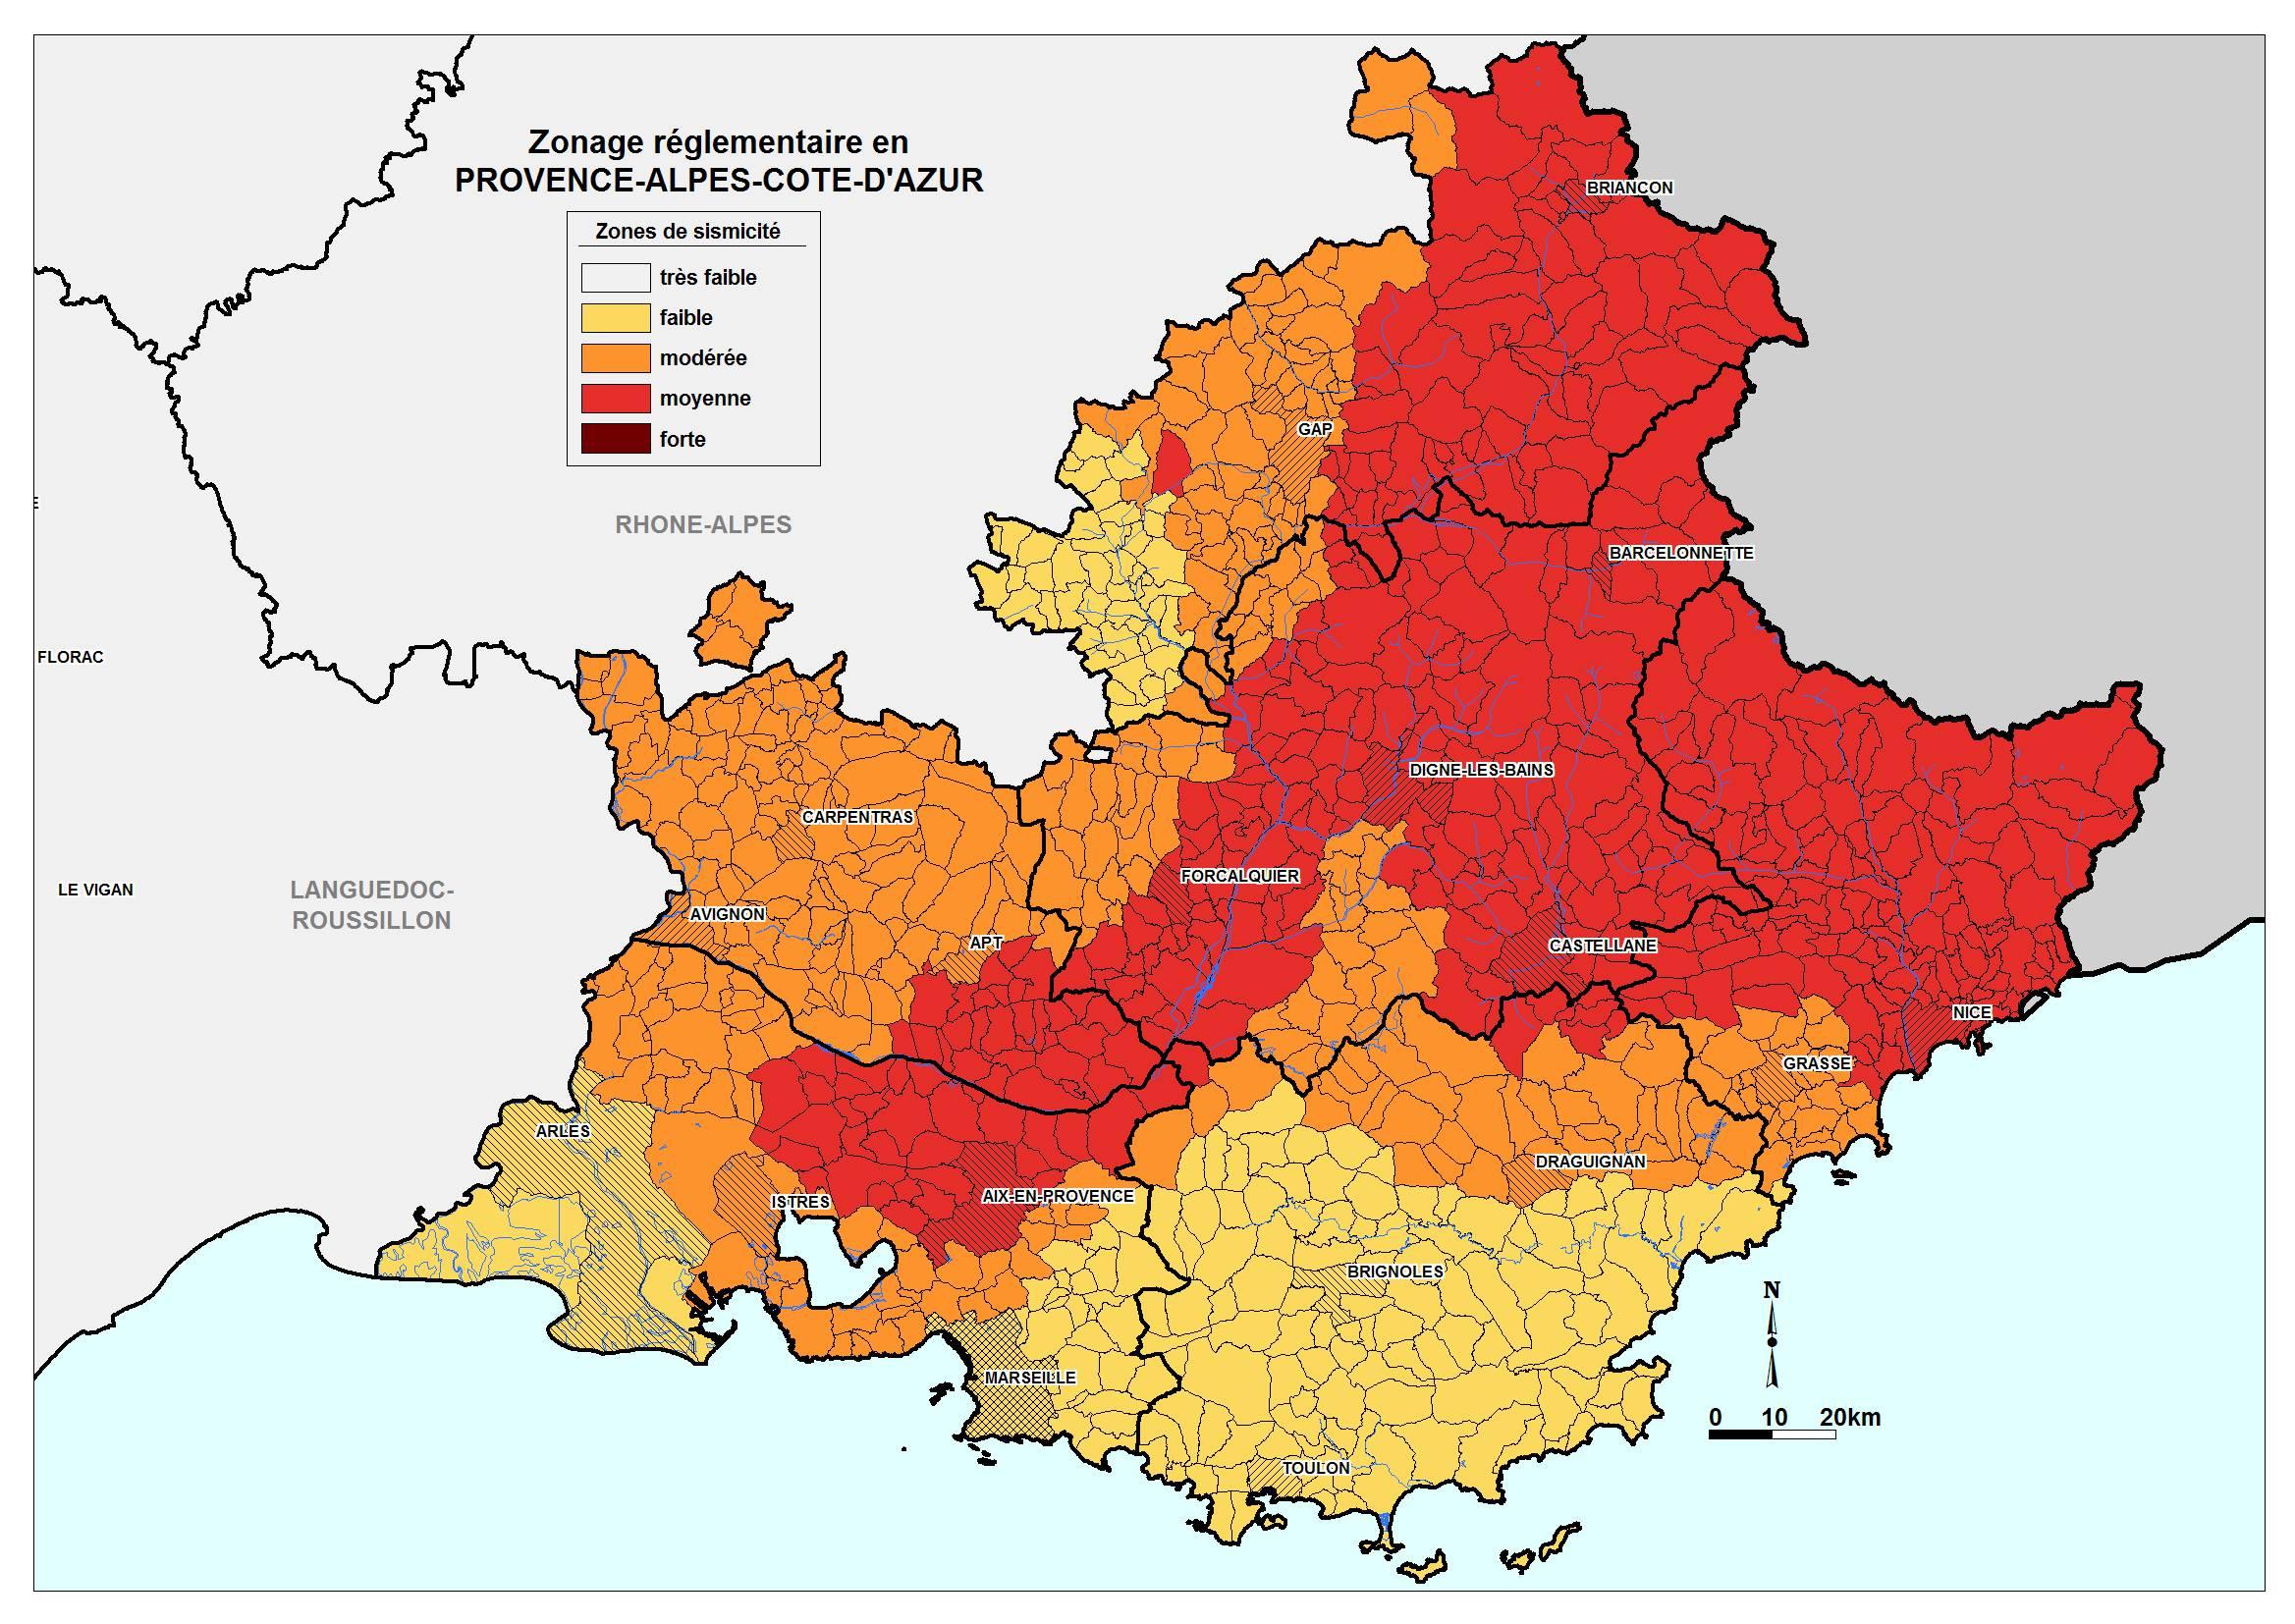 Carte des risques sismiques dans les Alpes-Maritimes